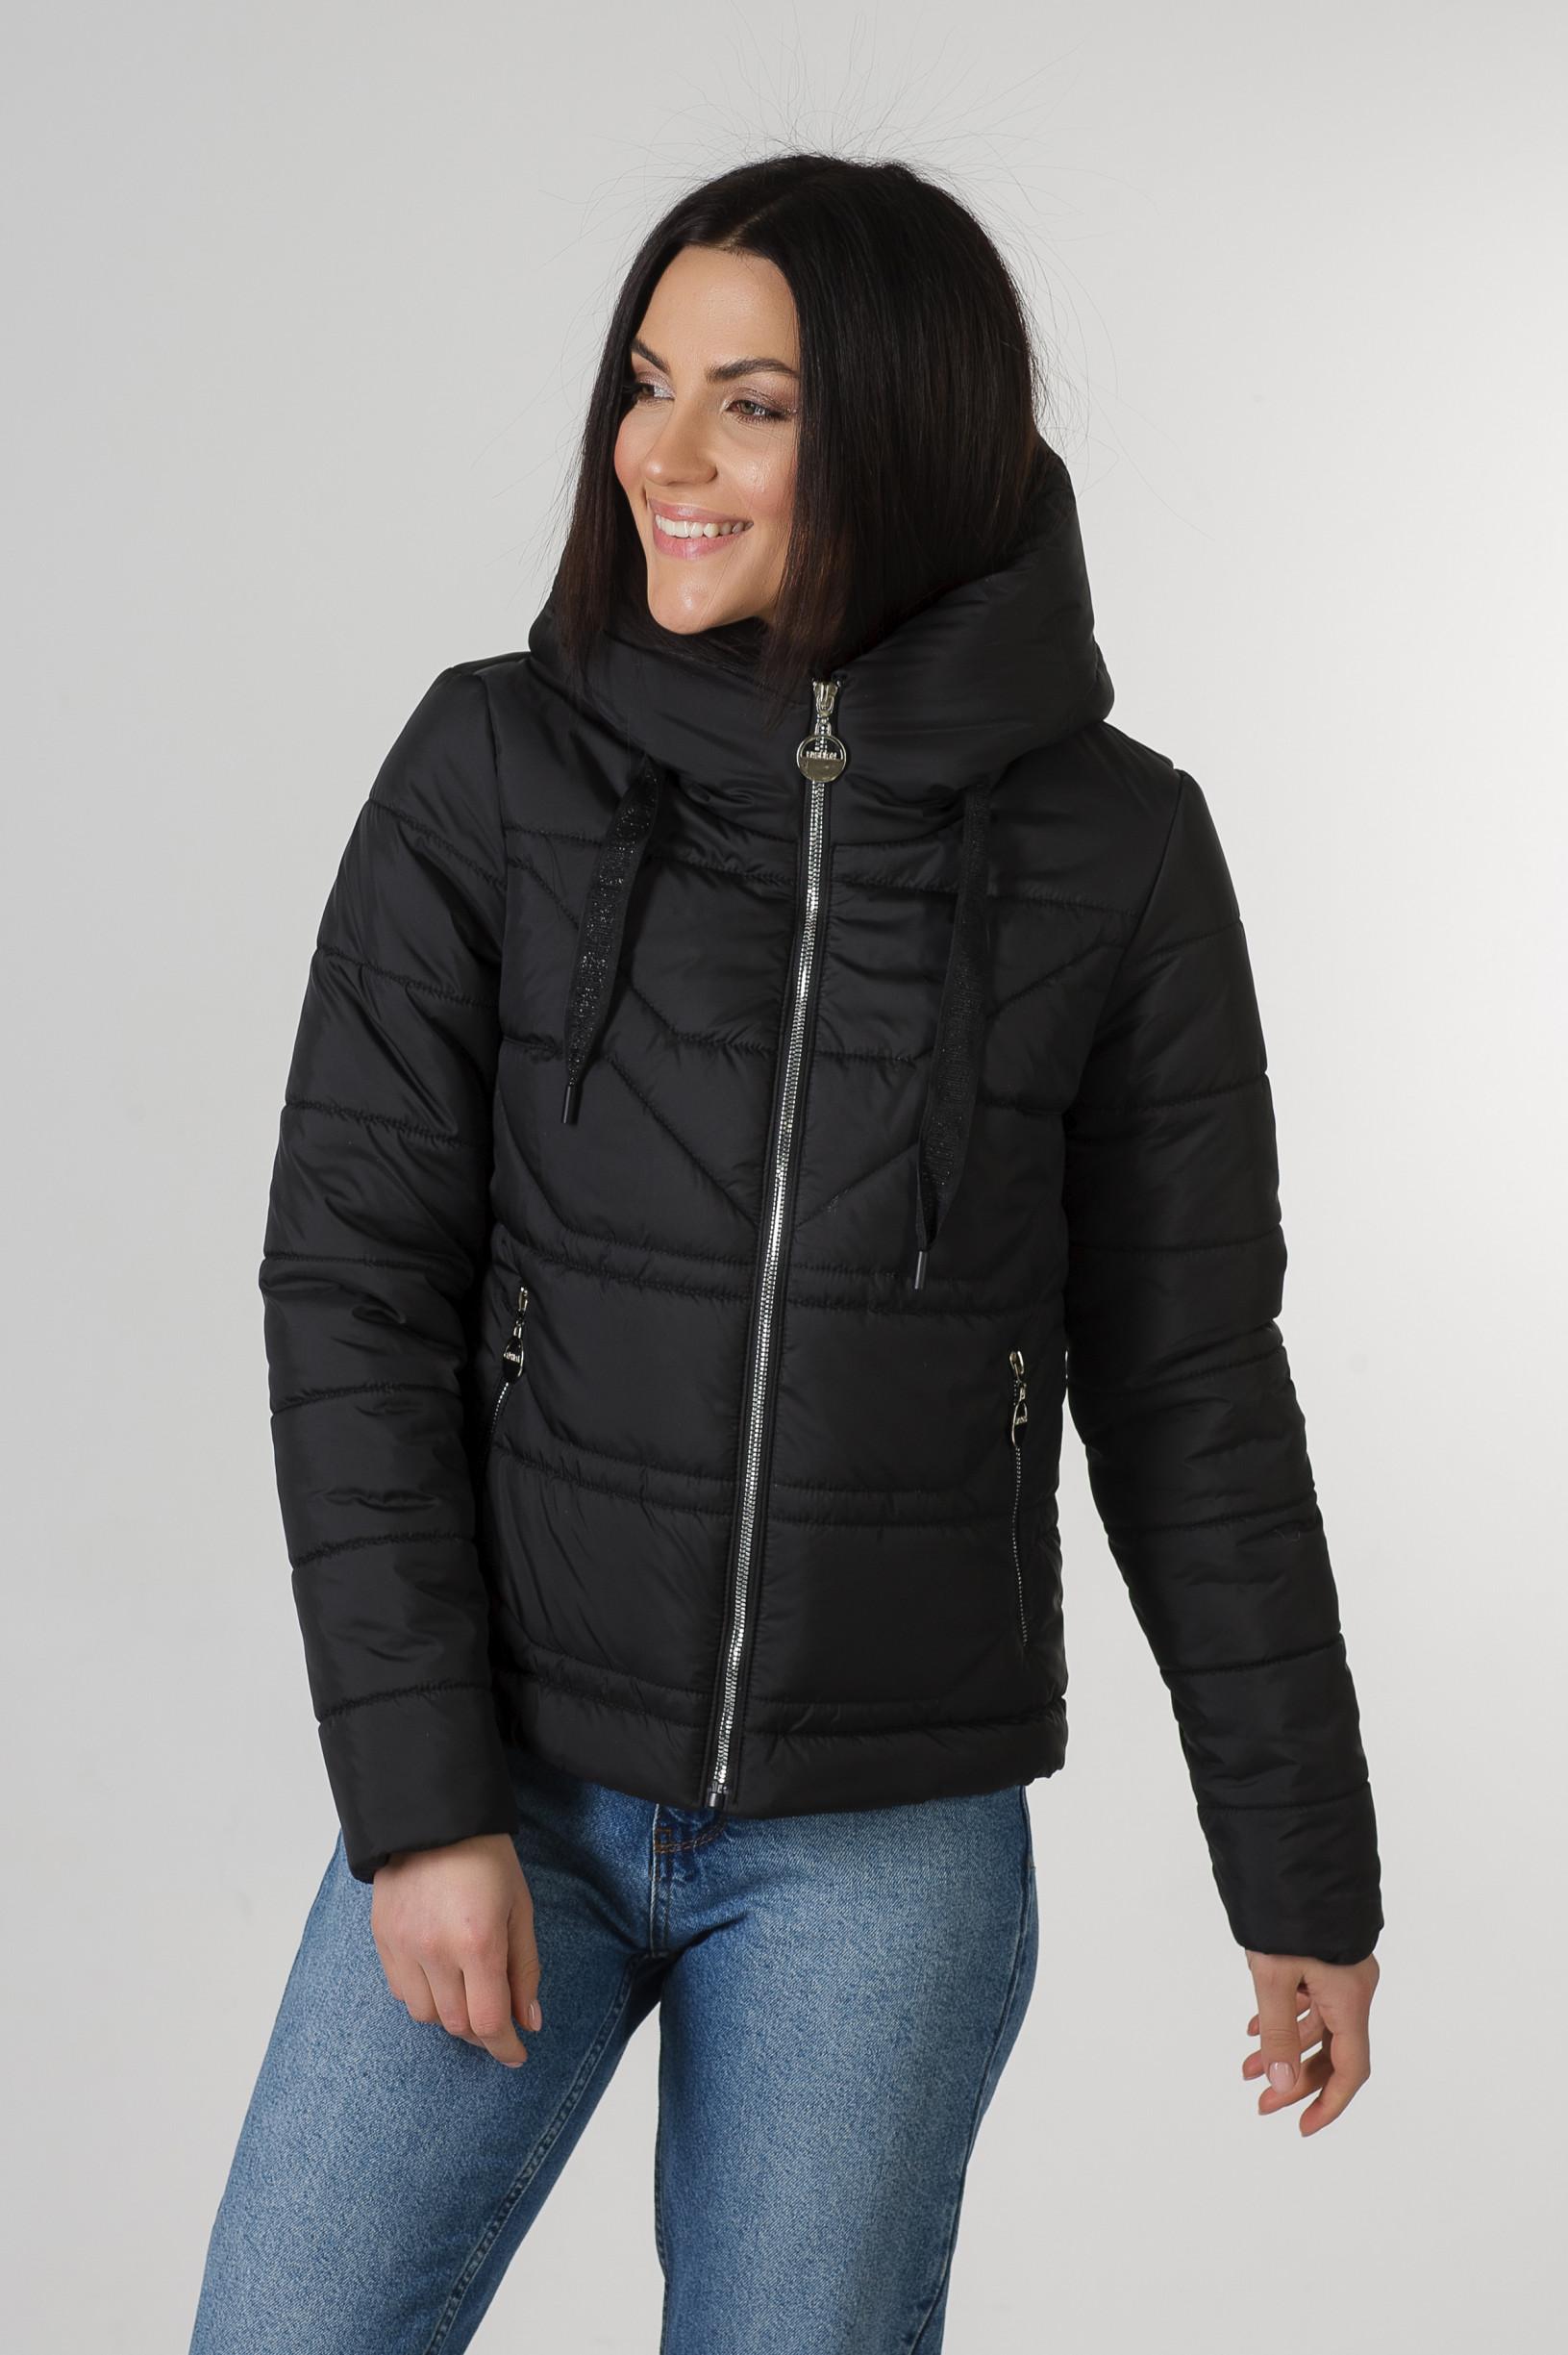 Демисезонная укороченная чёрная куртка Лия